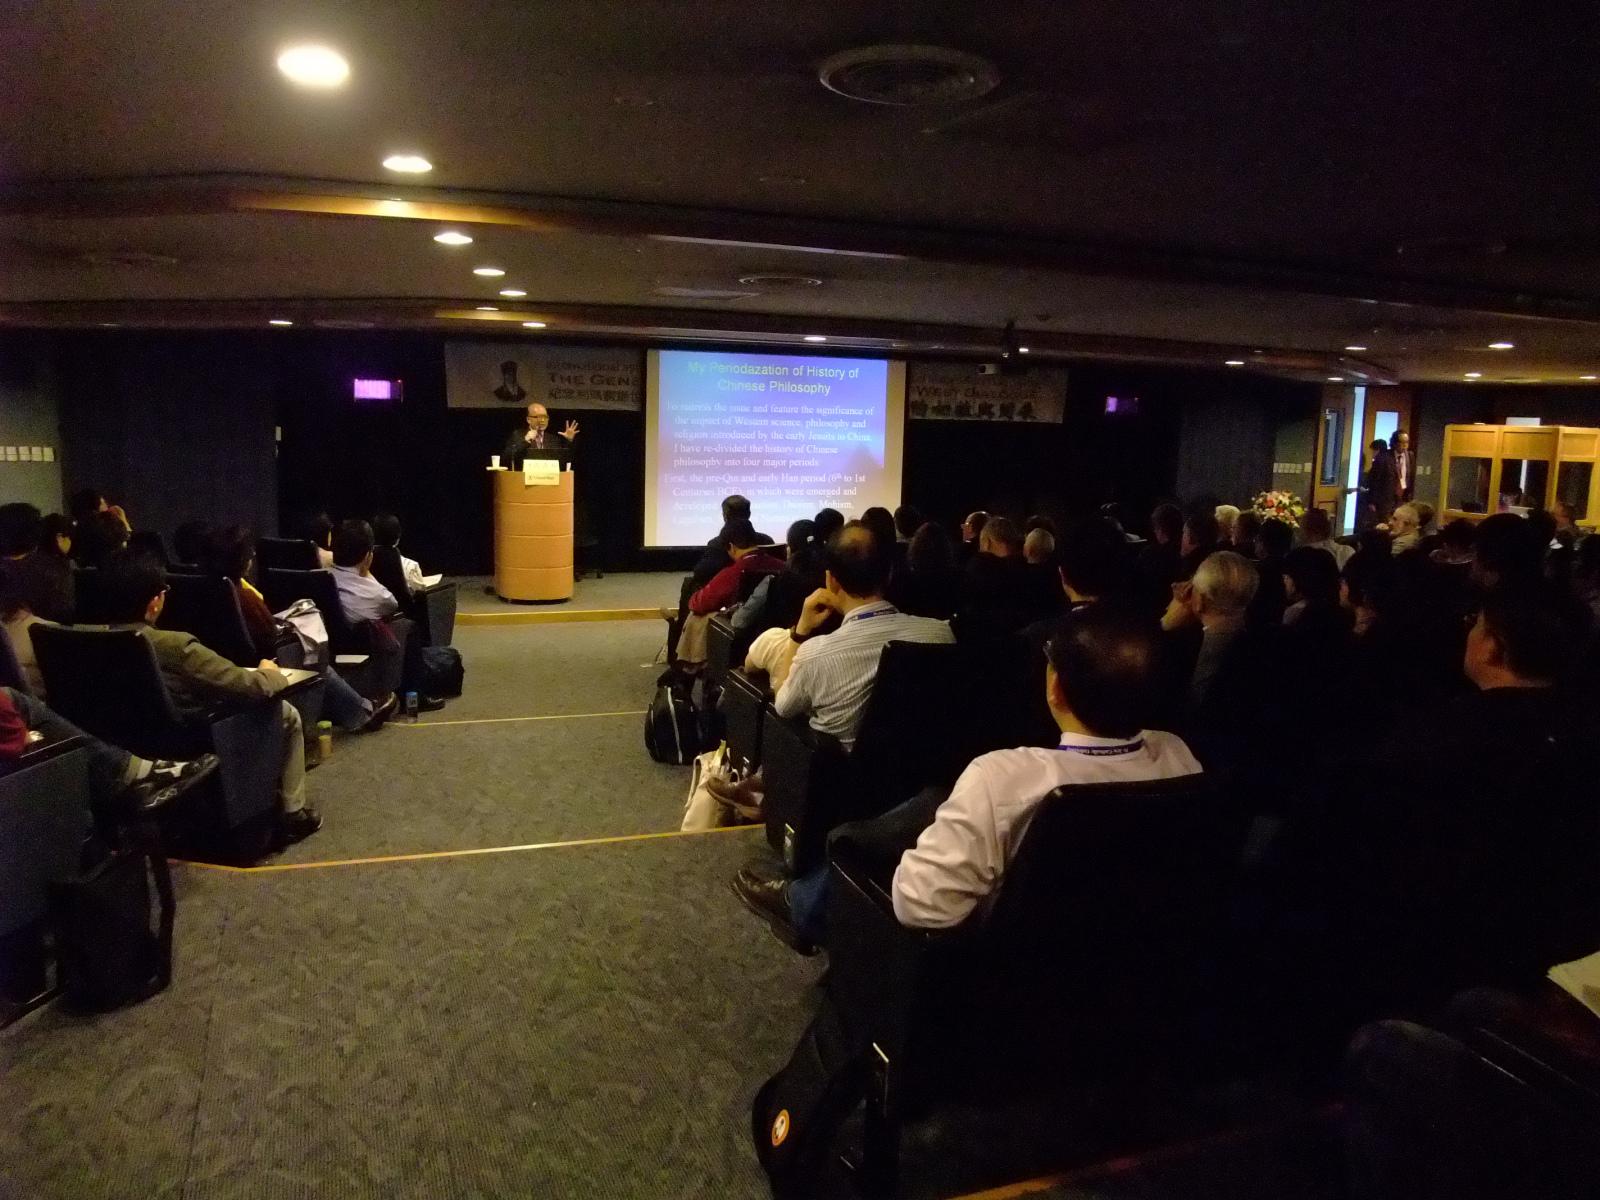 201004紀念利瑪竇逝世四百週年國際學術研討會-4